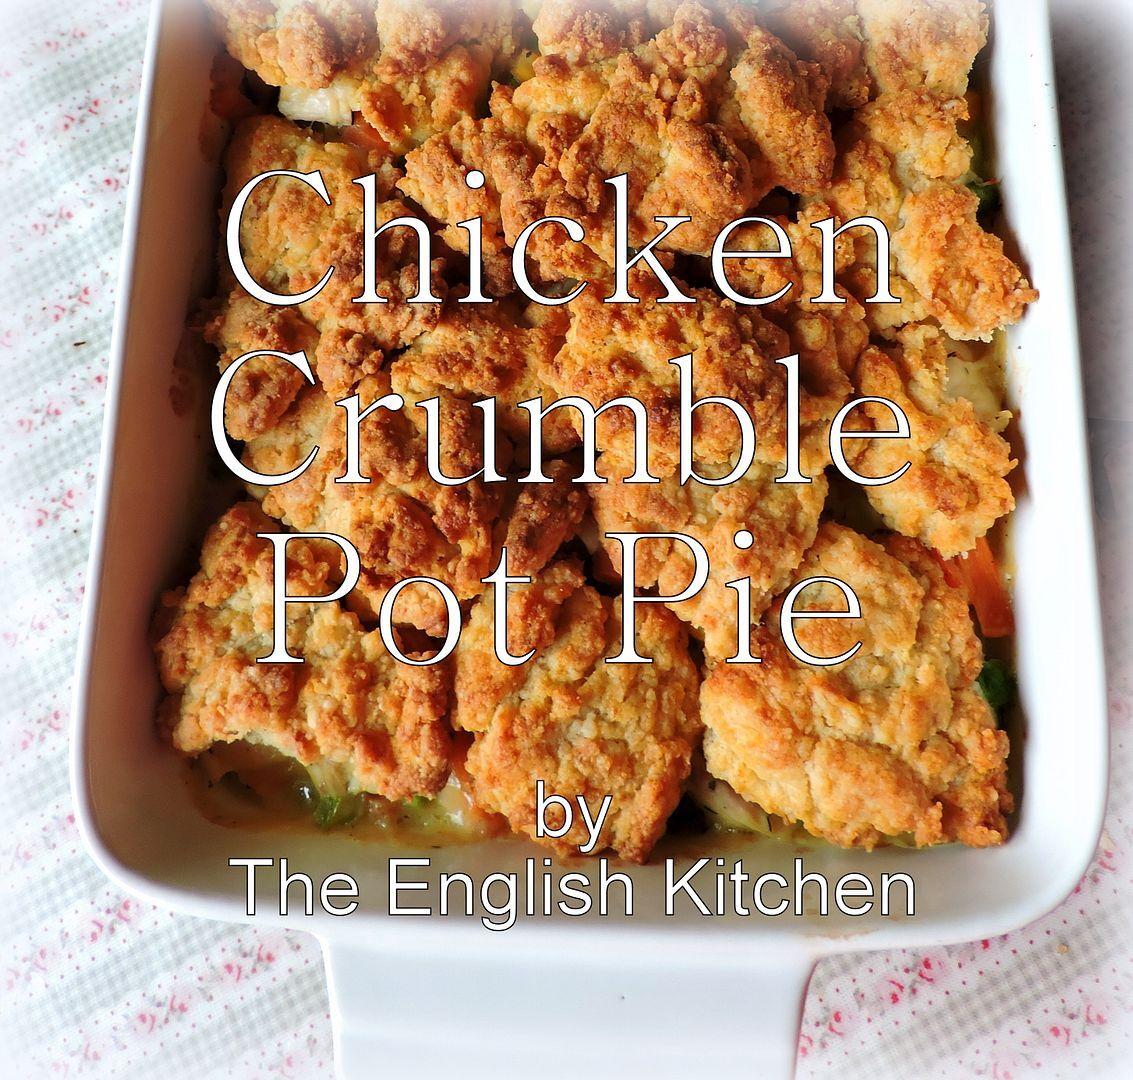 Chicken Crumble Pot Pie